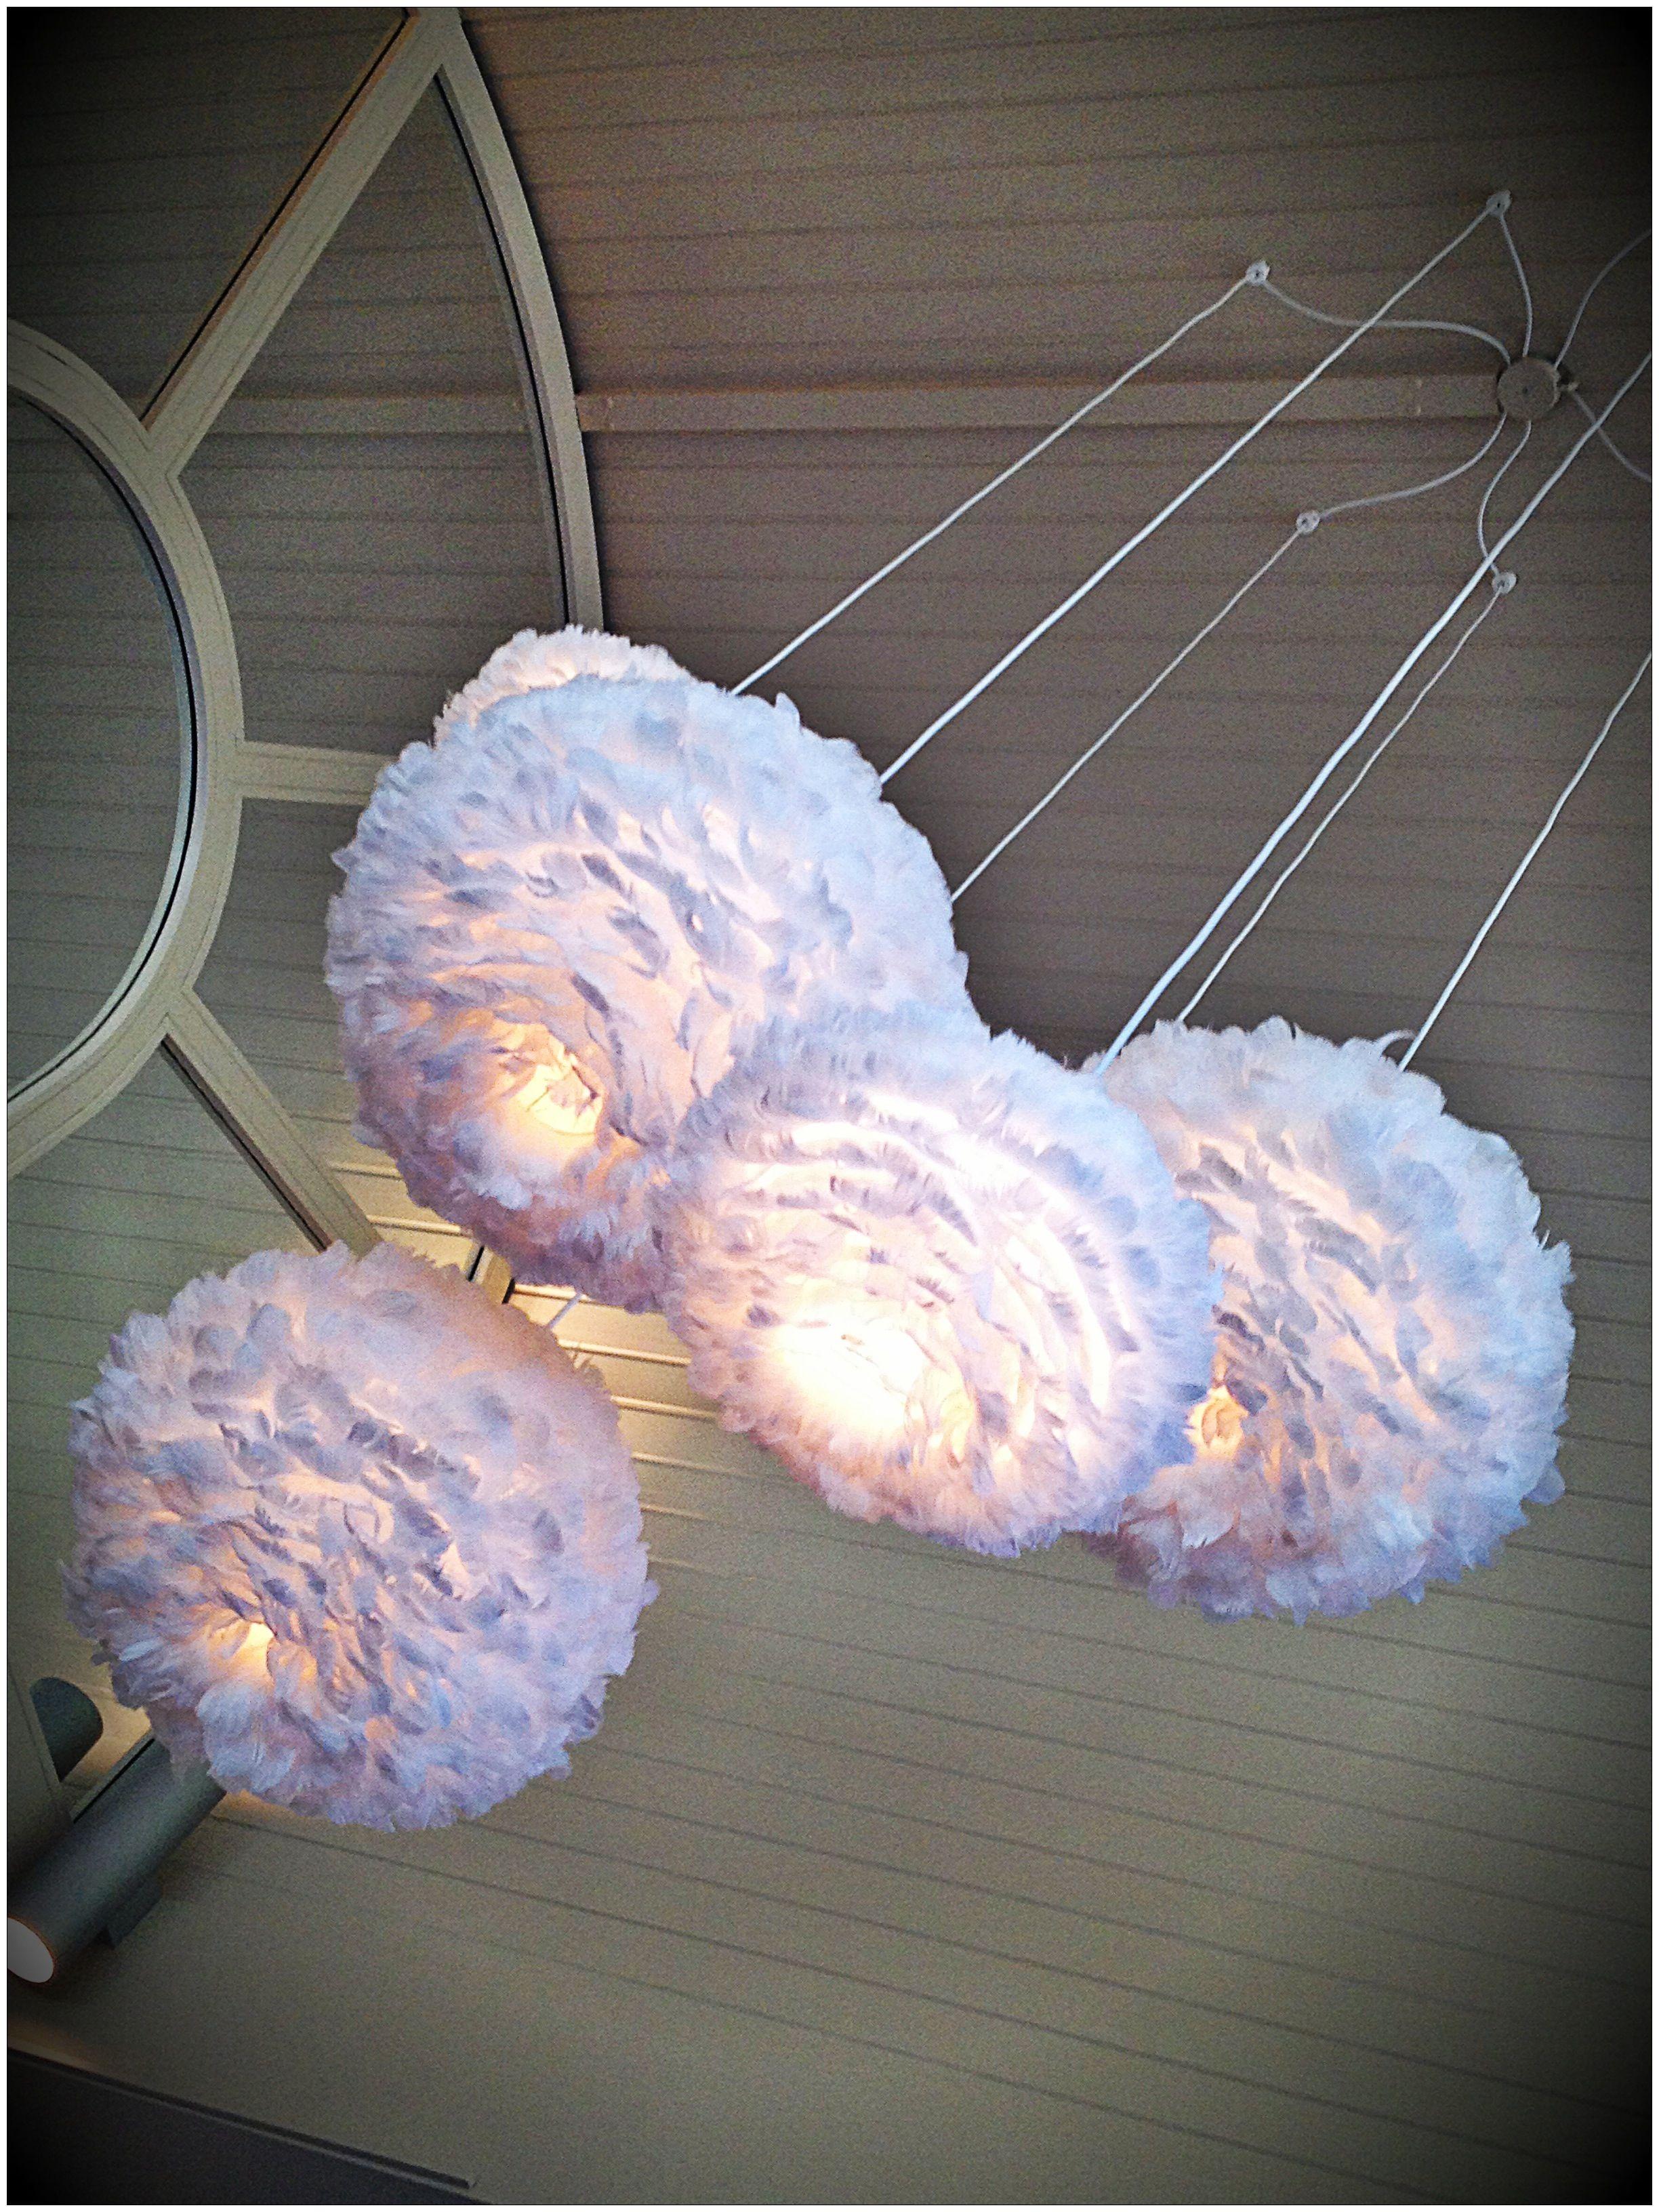 Ikealampe mit Federn beklebt. Wunderschöne Idee!